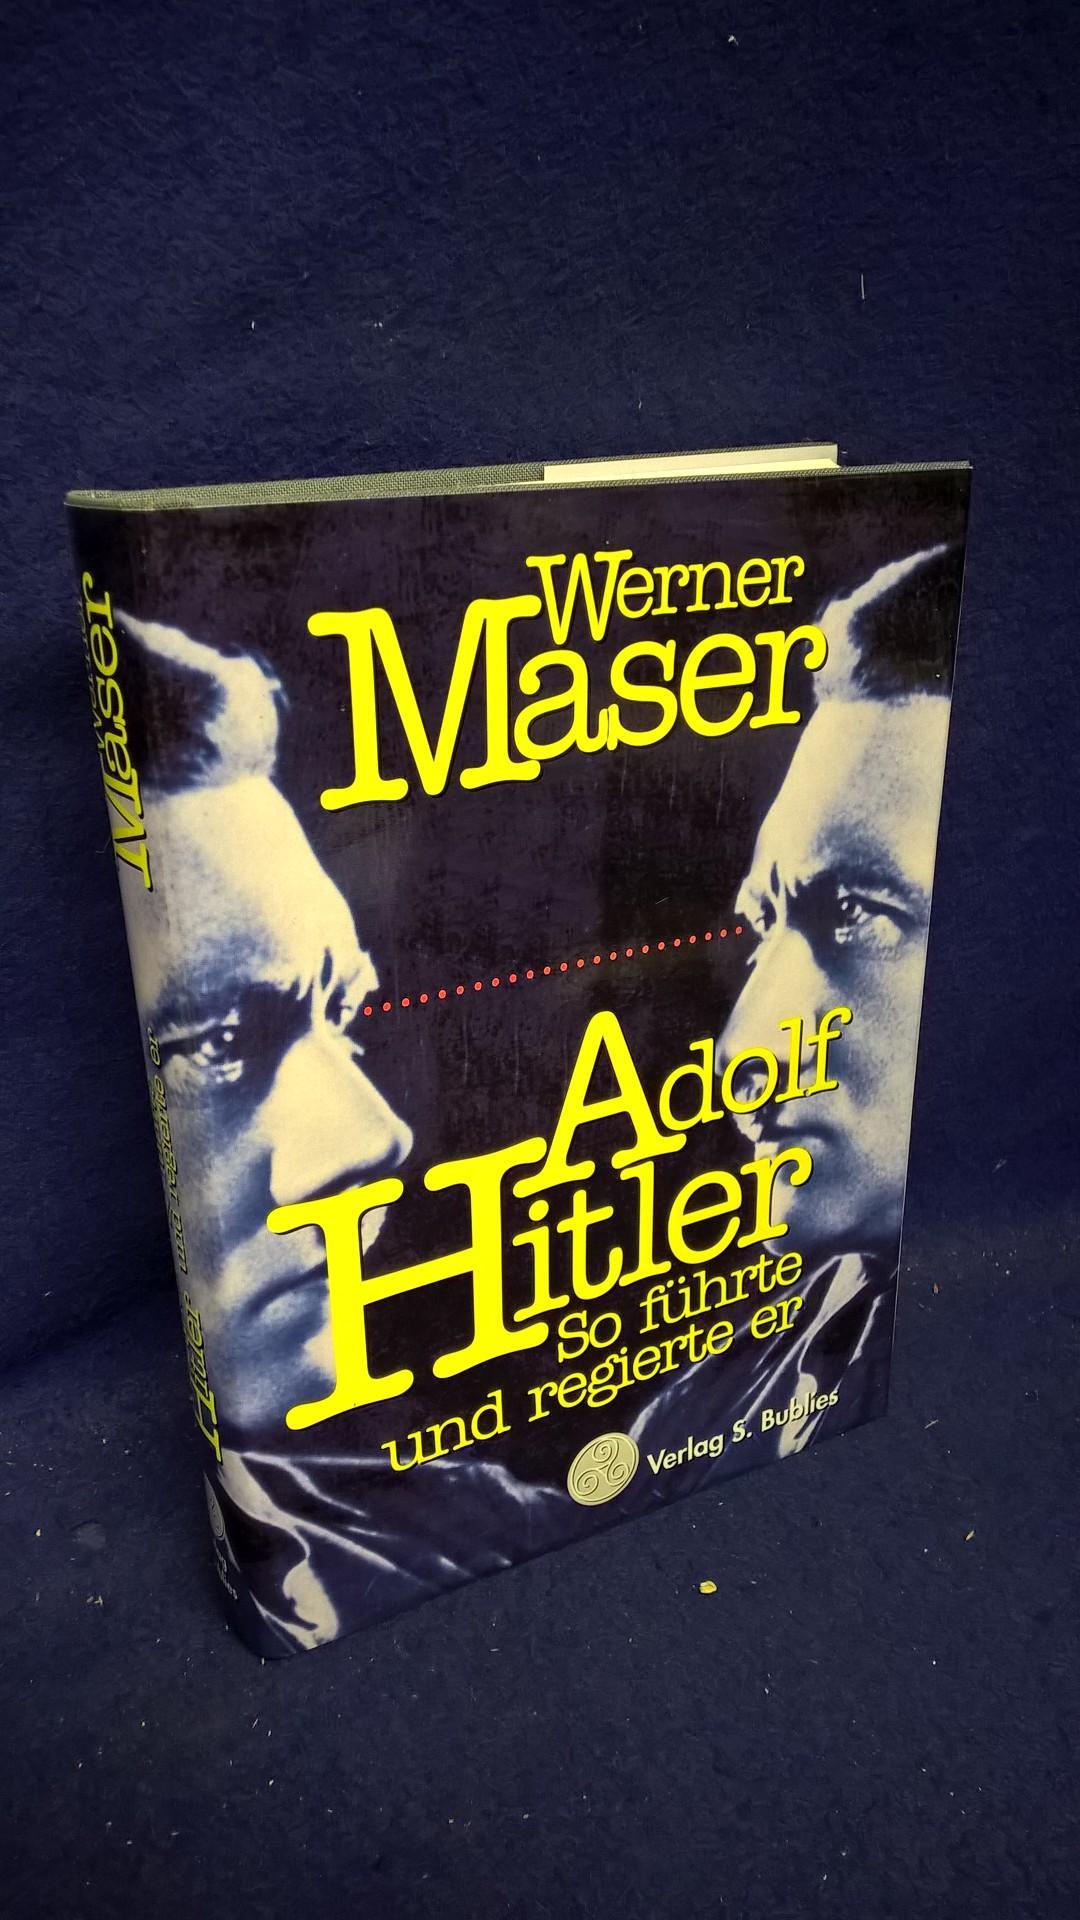 Adolf Hitler - So führte und regierte er